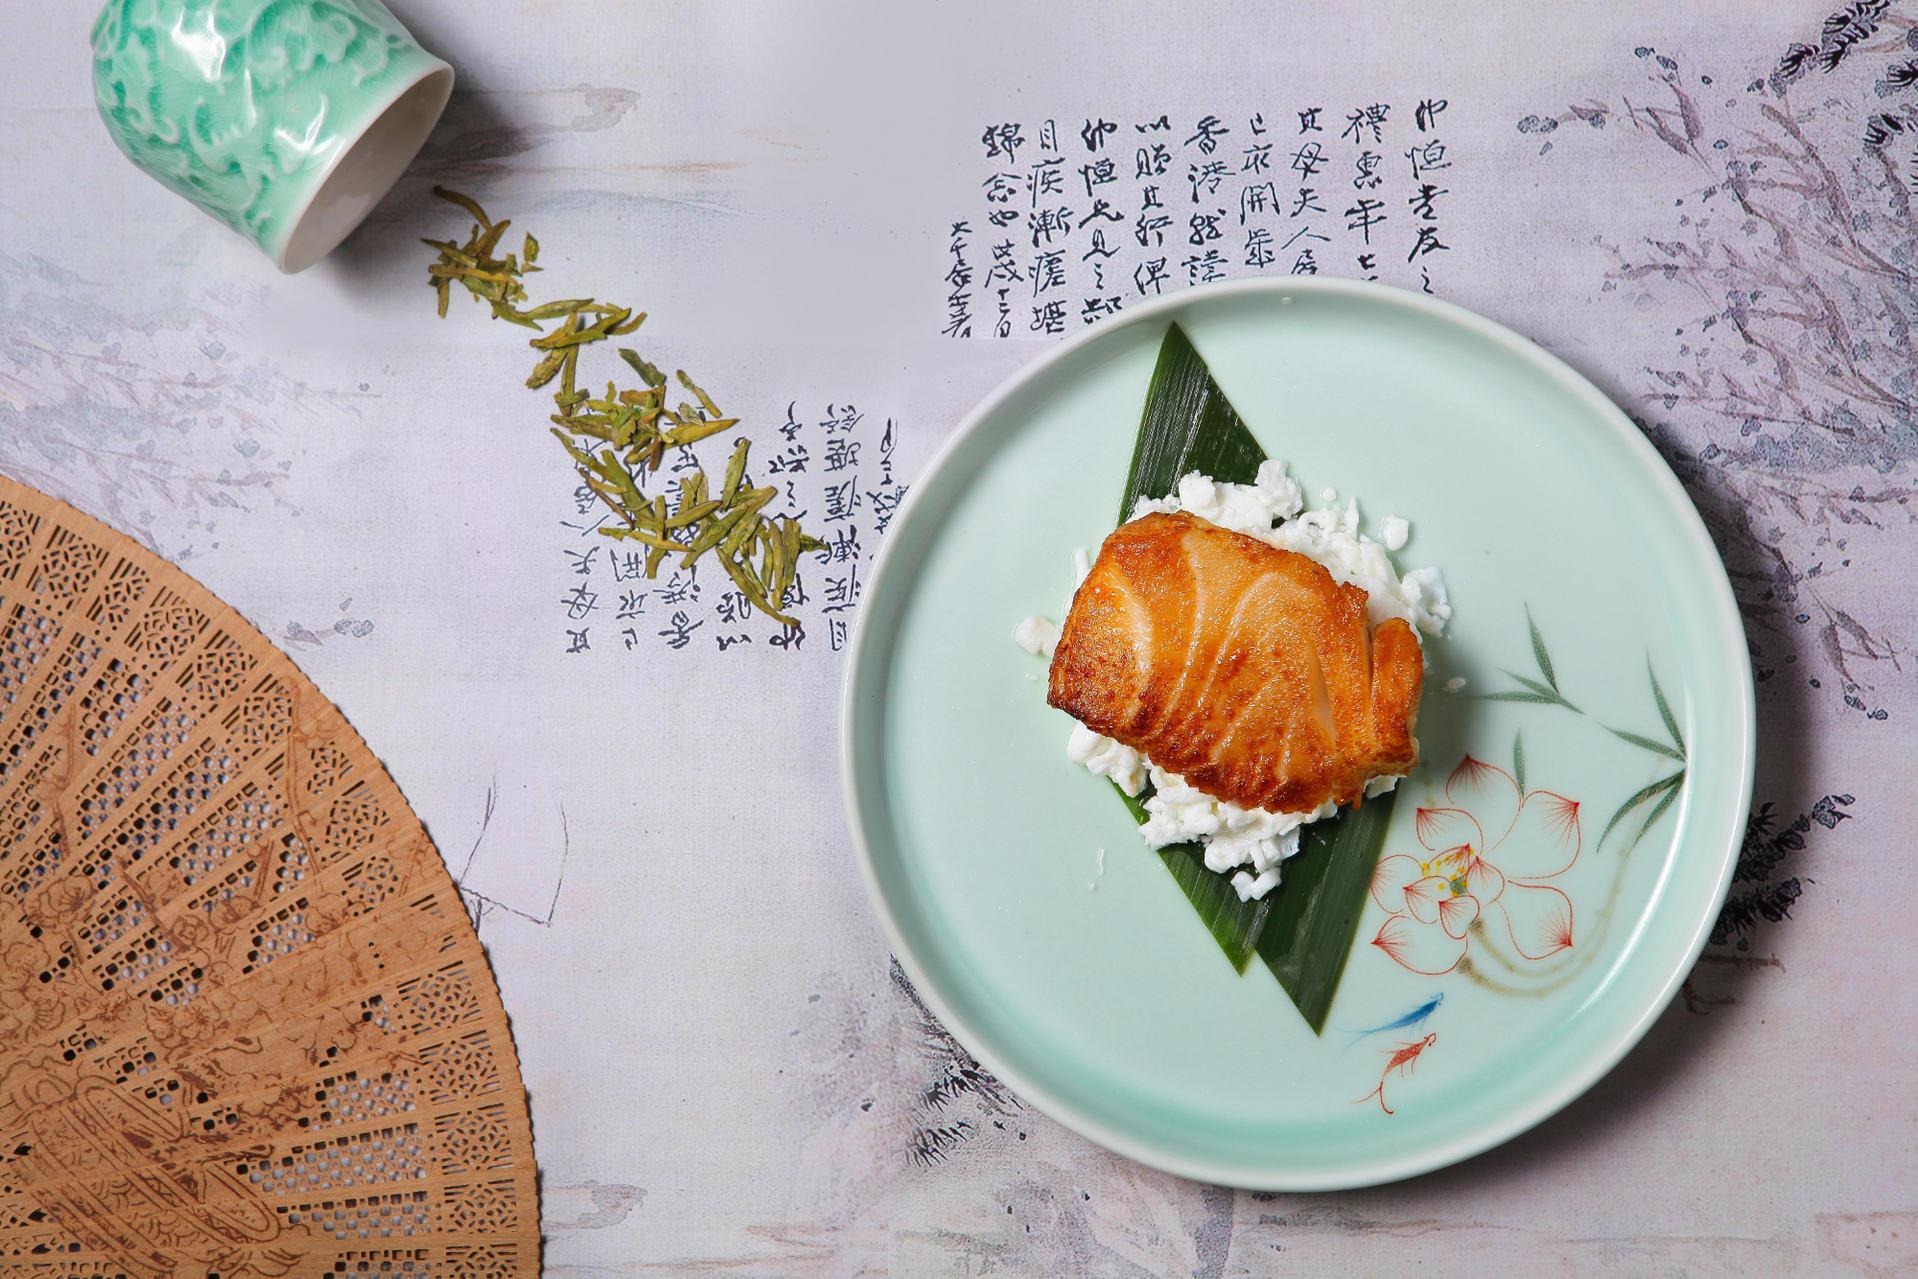 上海浦东香格里拉——茶香焗鳕鱼.jpg